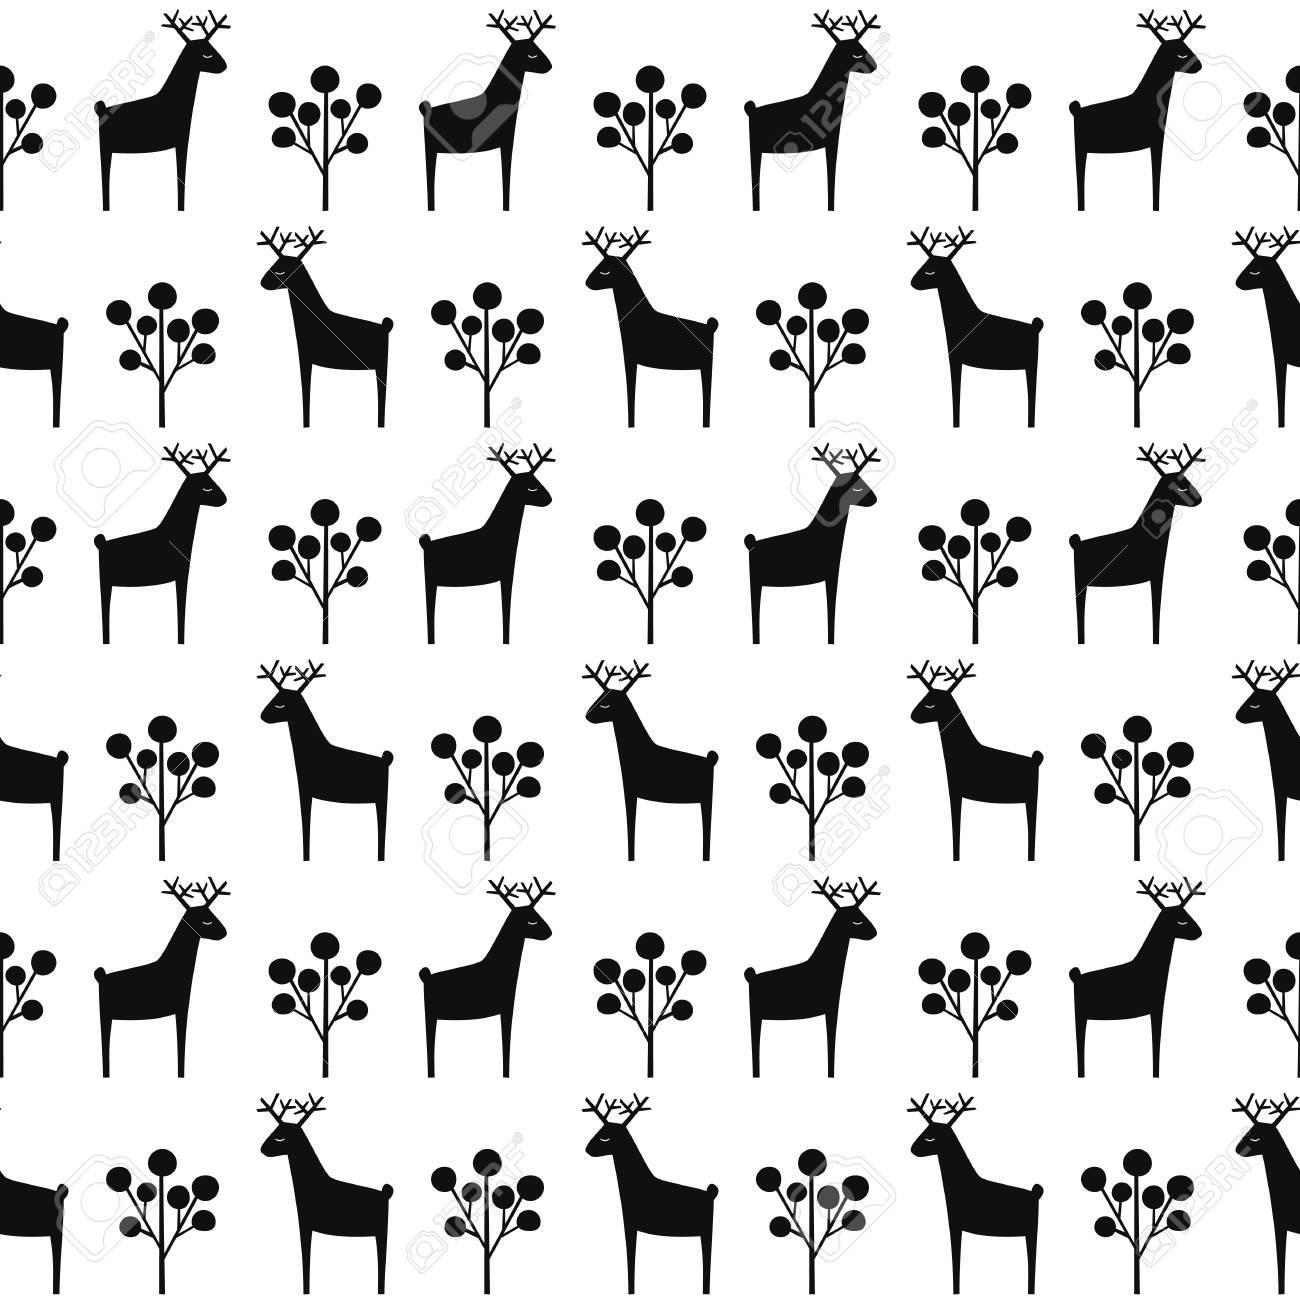 Cerf Noir Et Blanc Avec Un Motif Sans Soudure De Baies Illustration Animale De Style Noël Fond De Nature Mignon Dessin Animé Simple Design De Noël